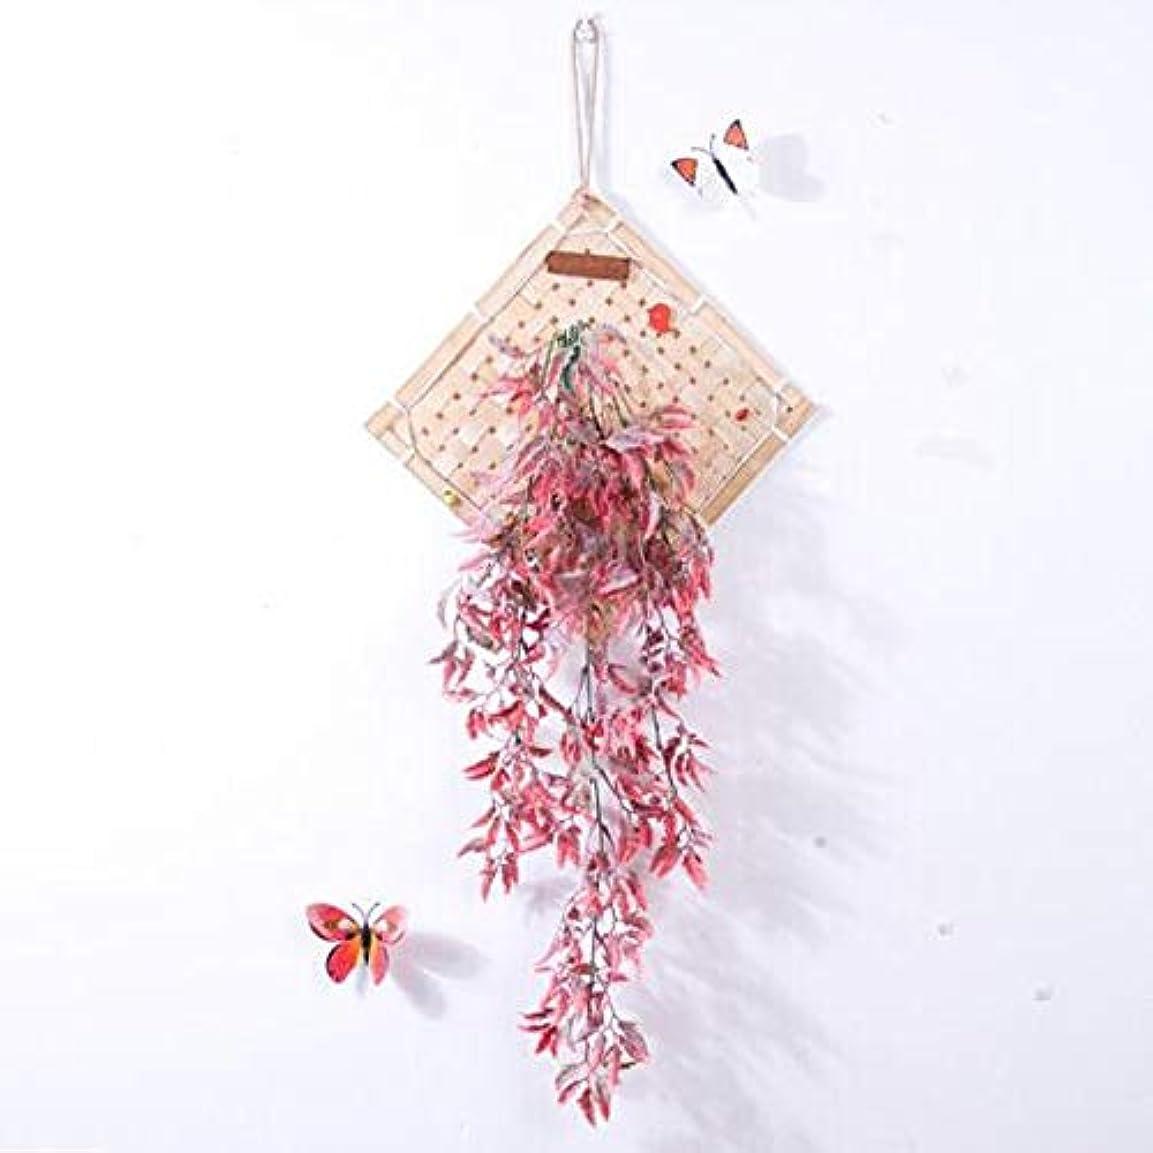 リレーレスリング文房具Aishanghuayi 風チャイム、クリエイティブ?竹ホームデコレーション風チャイム、パープル、幅38.5CM,ファッションオーナメント (Color : Pink)